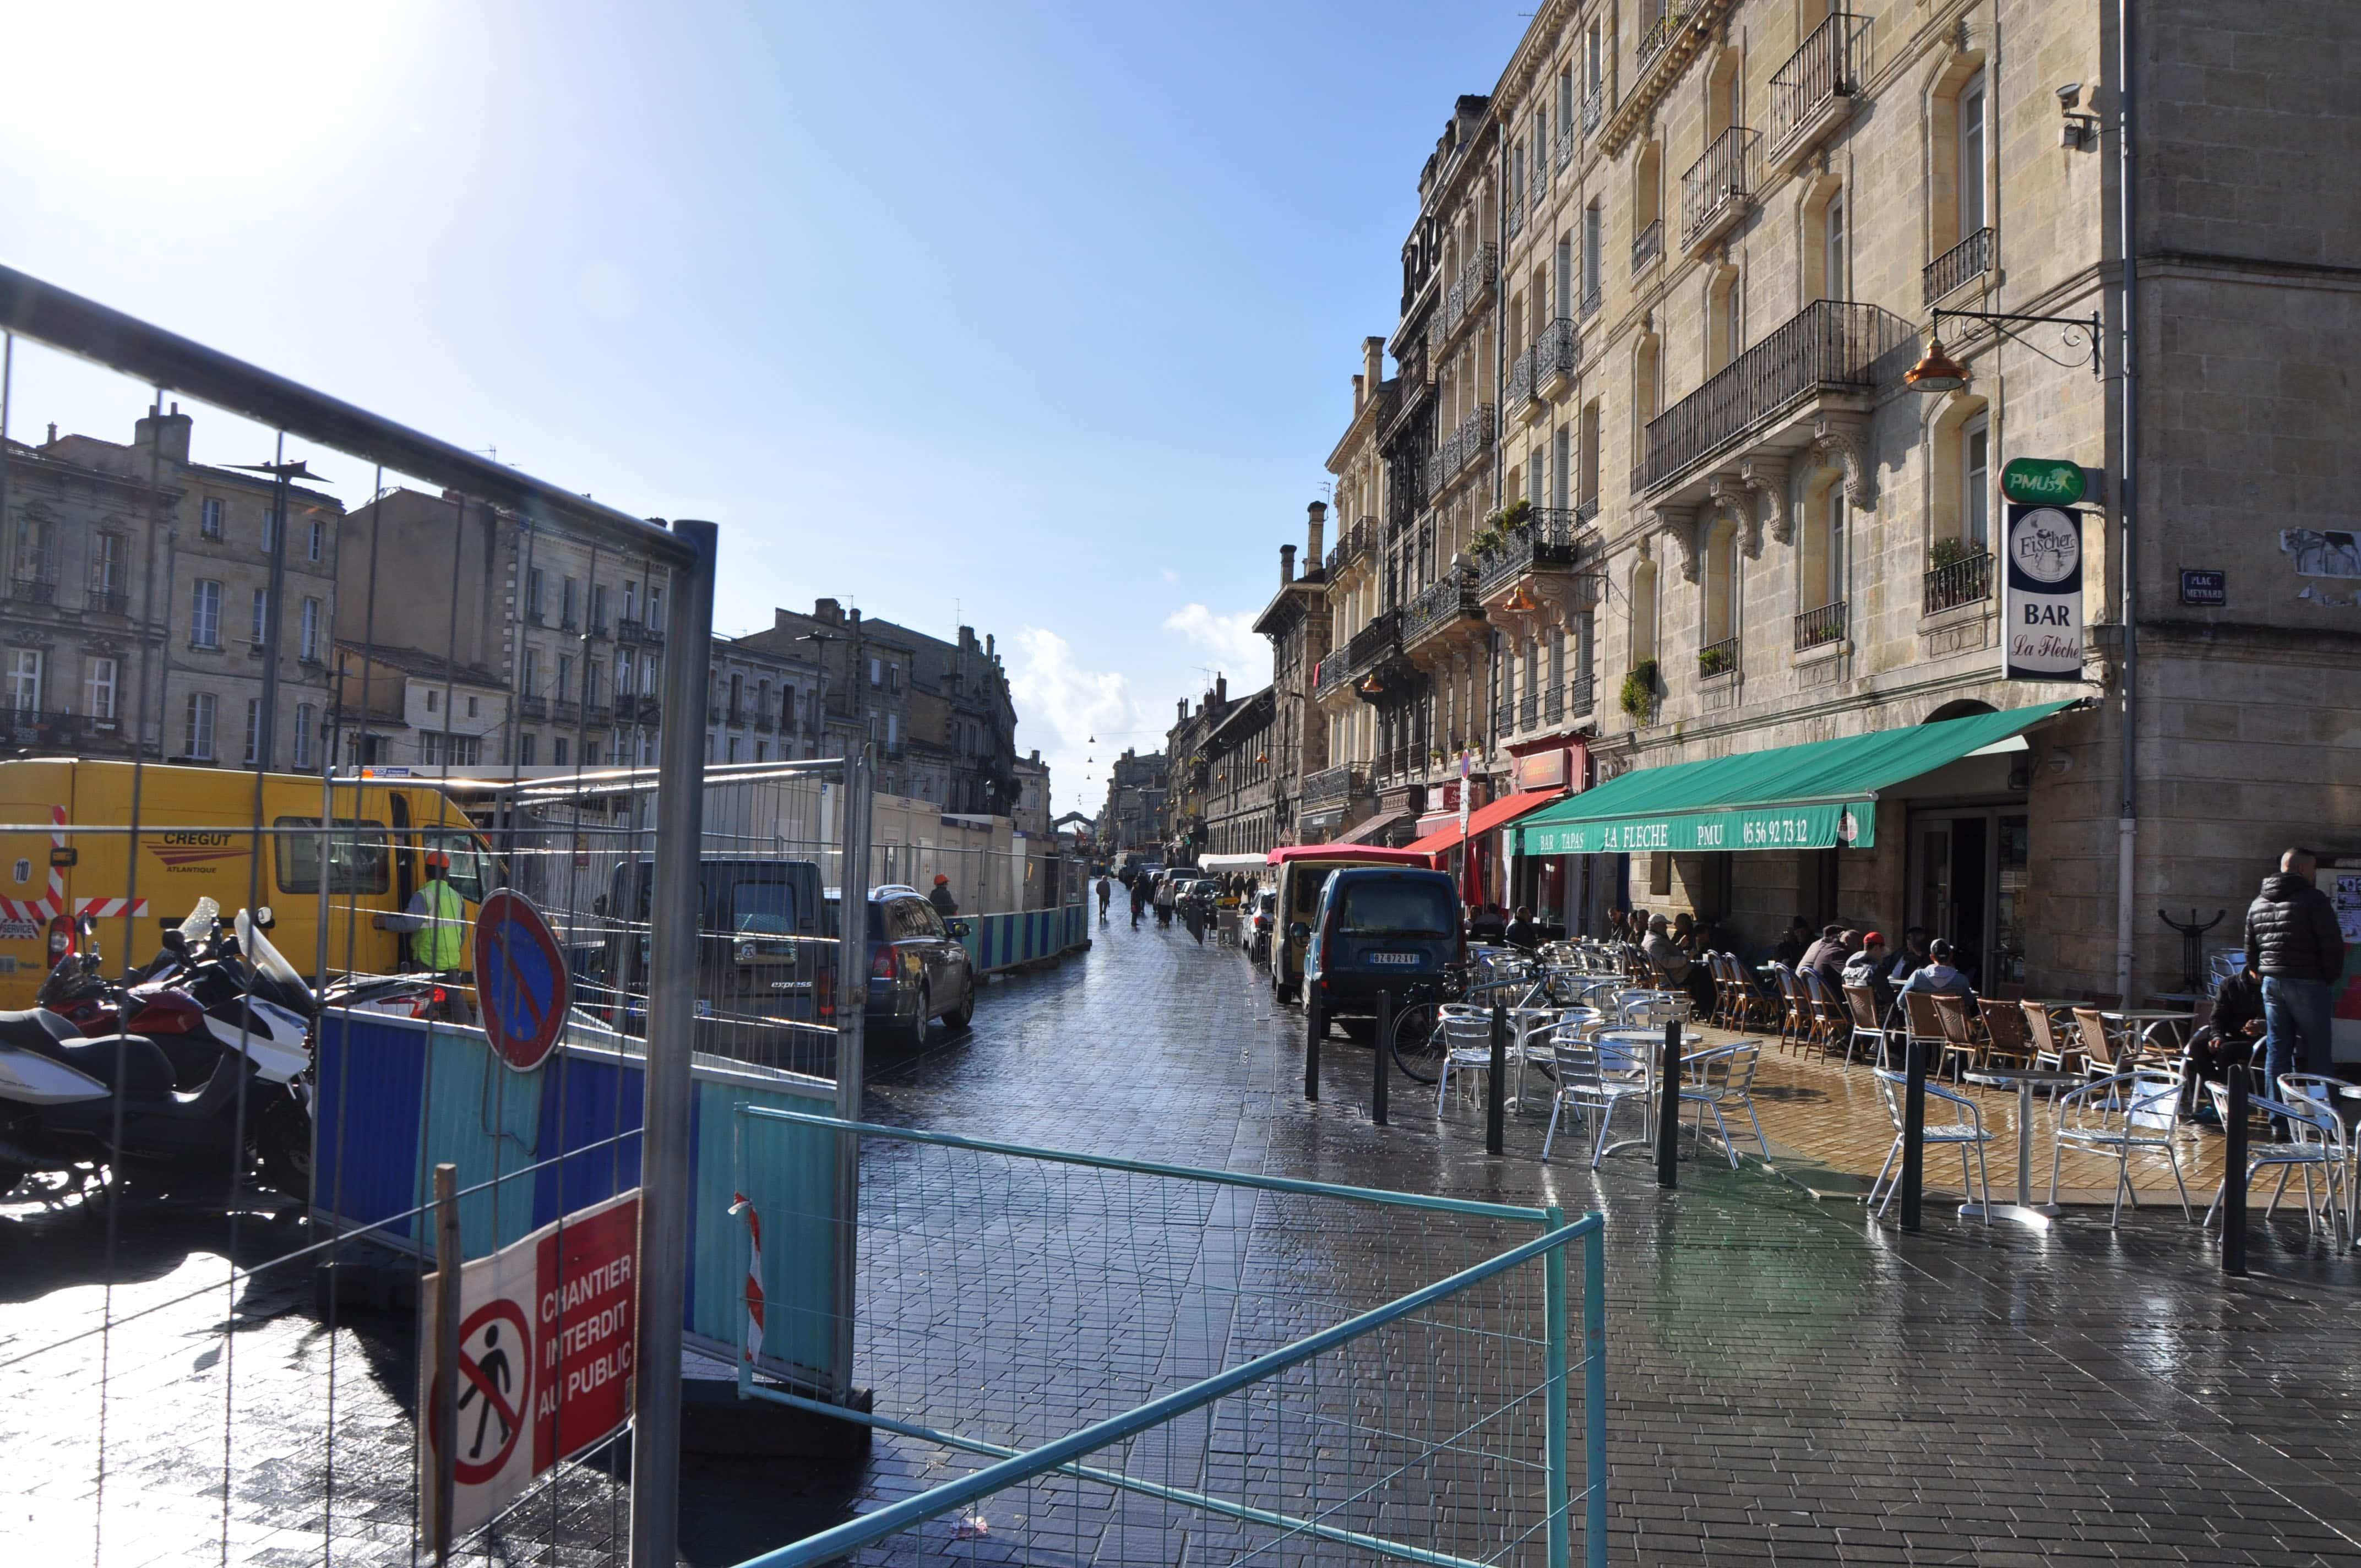 Saint michel retrouve sa place rue89 bordeaux for Appartement bordeaux st michel